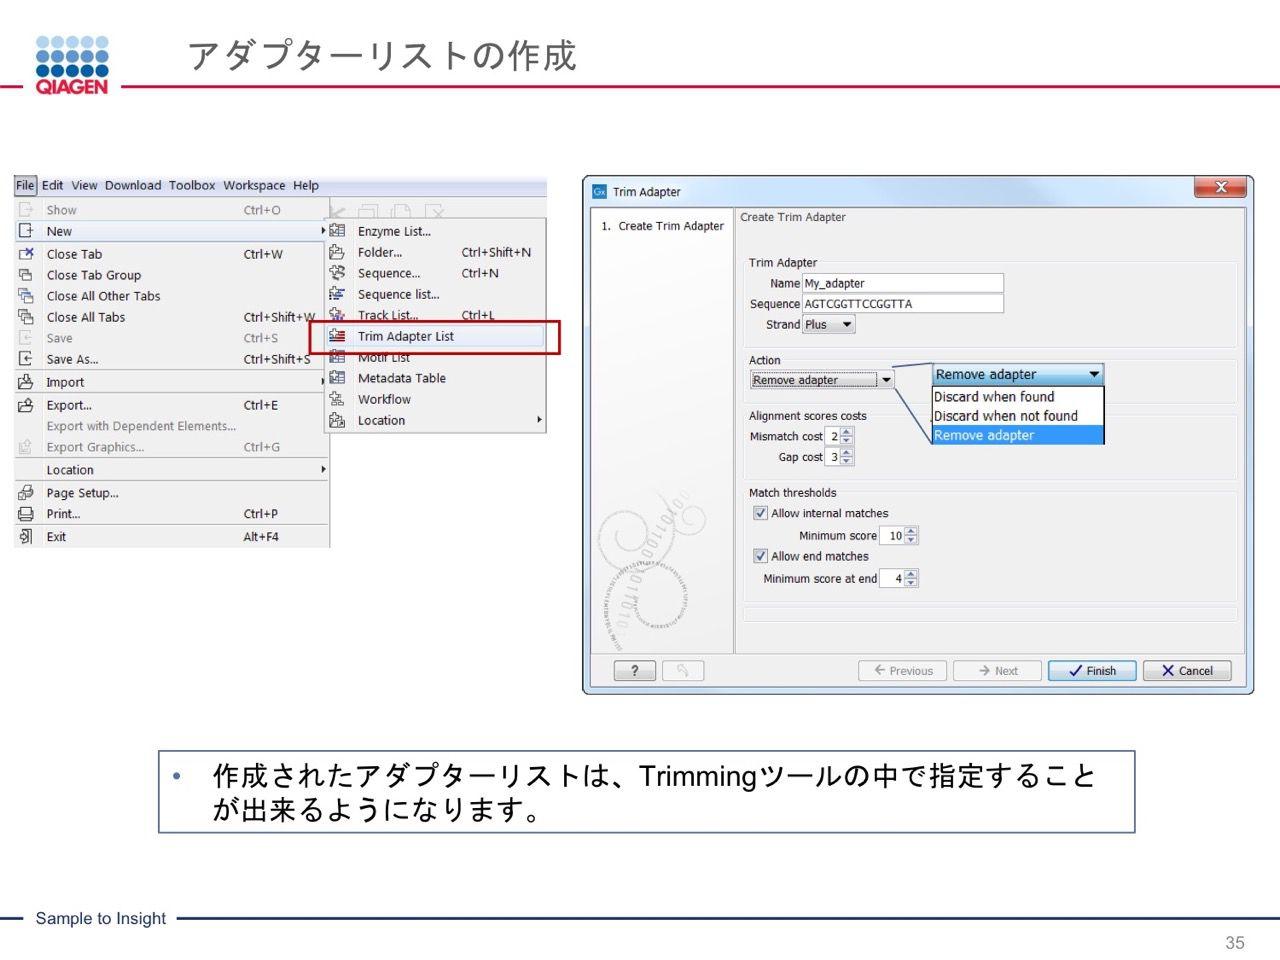 images/AJACSa2_miyamoto_035.jpg